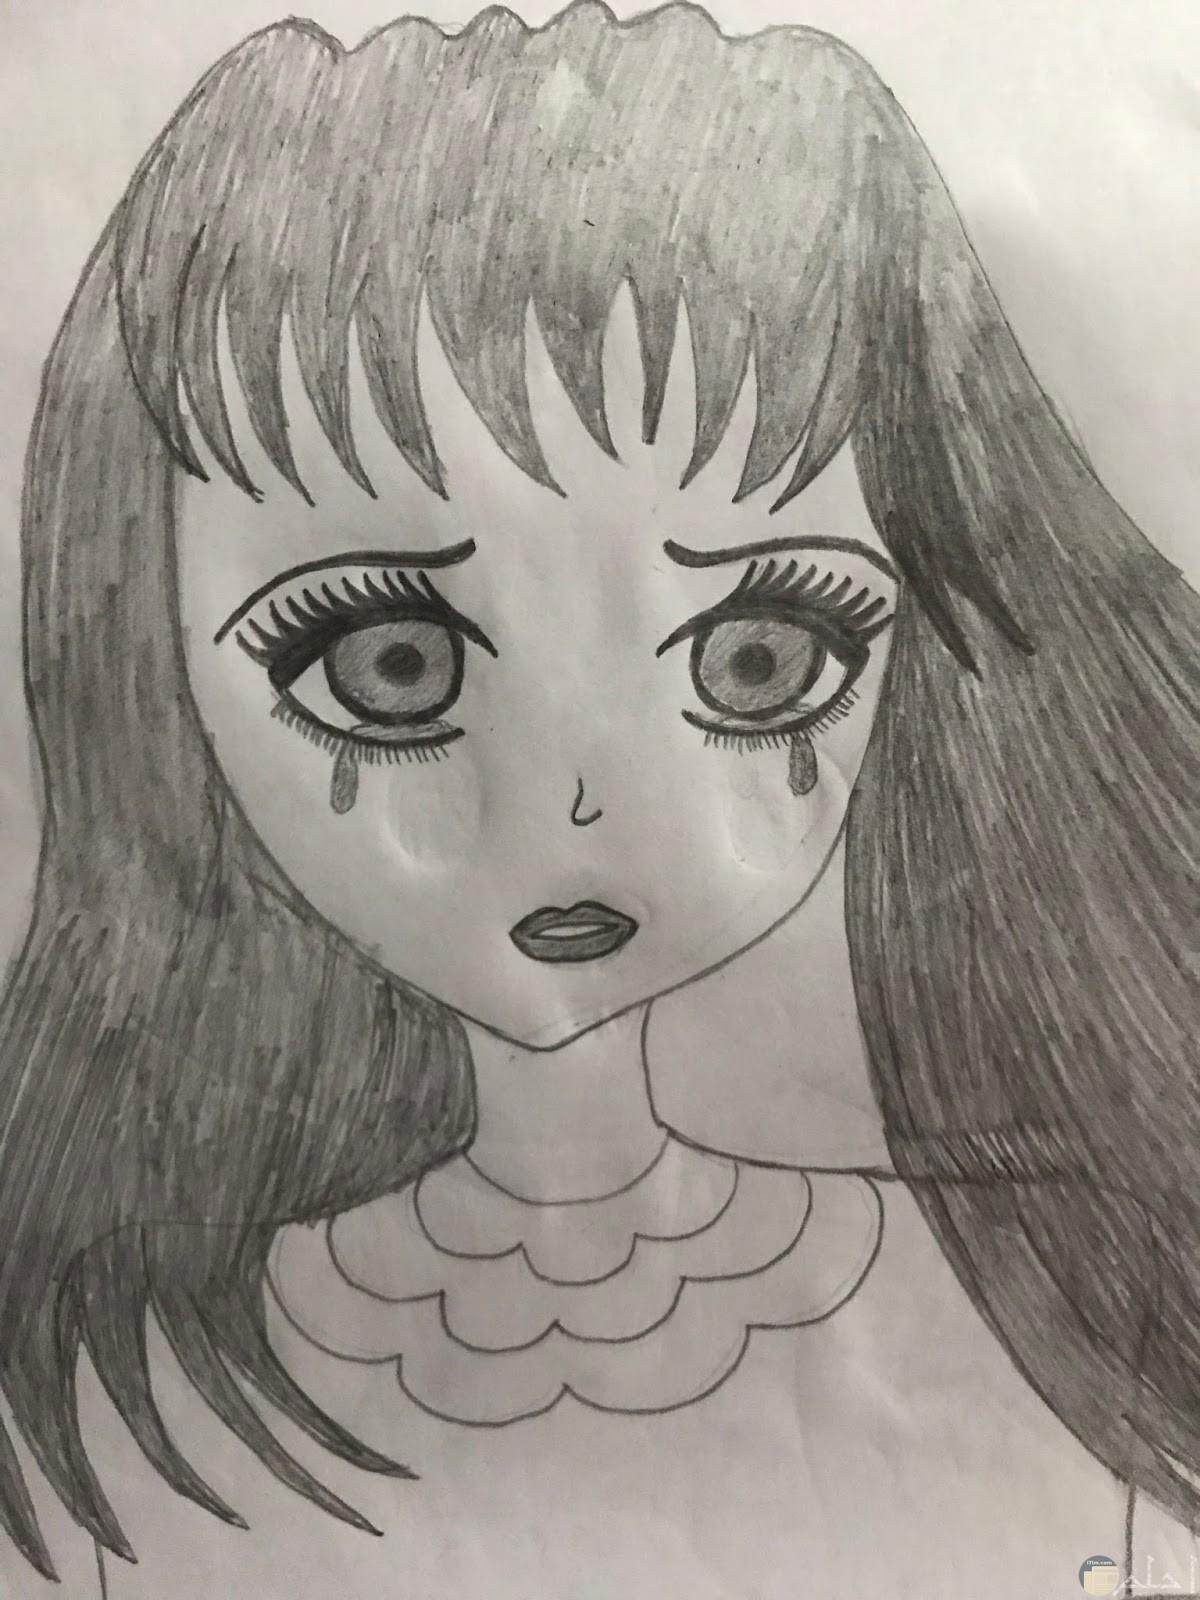 رسم انمي لبنوتة حزينة